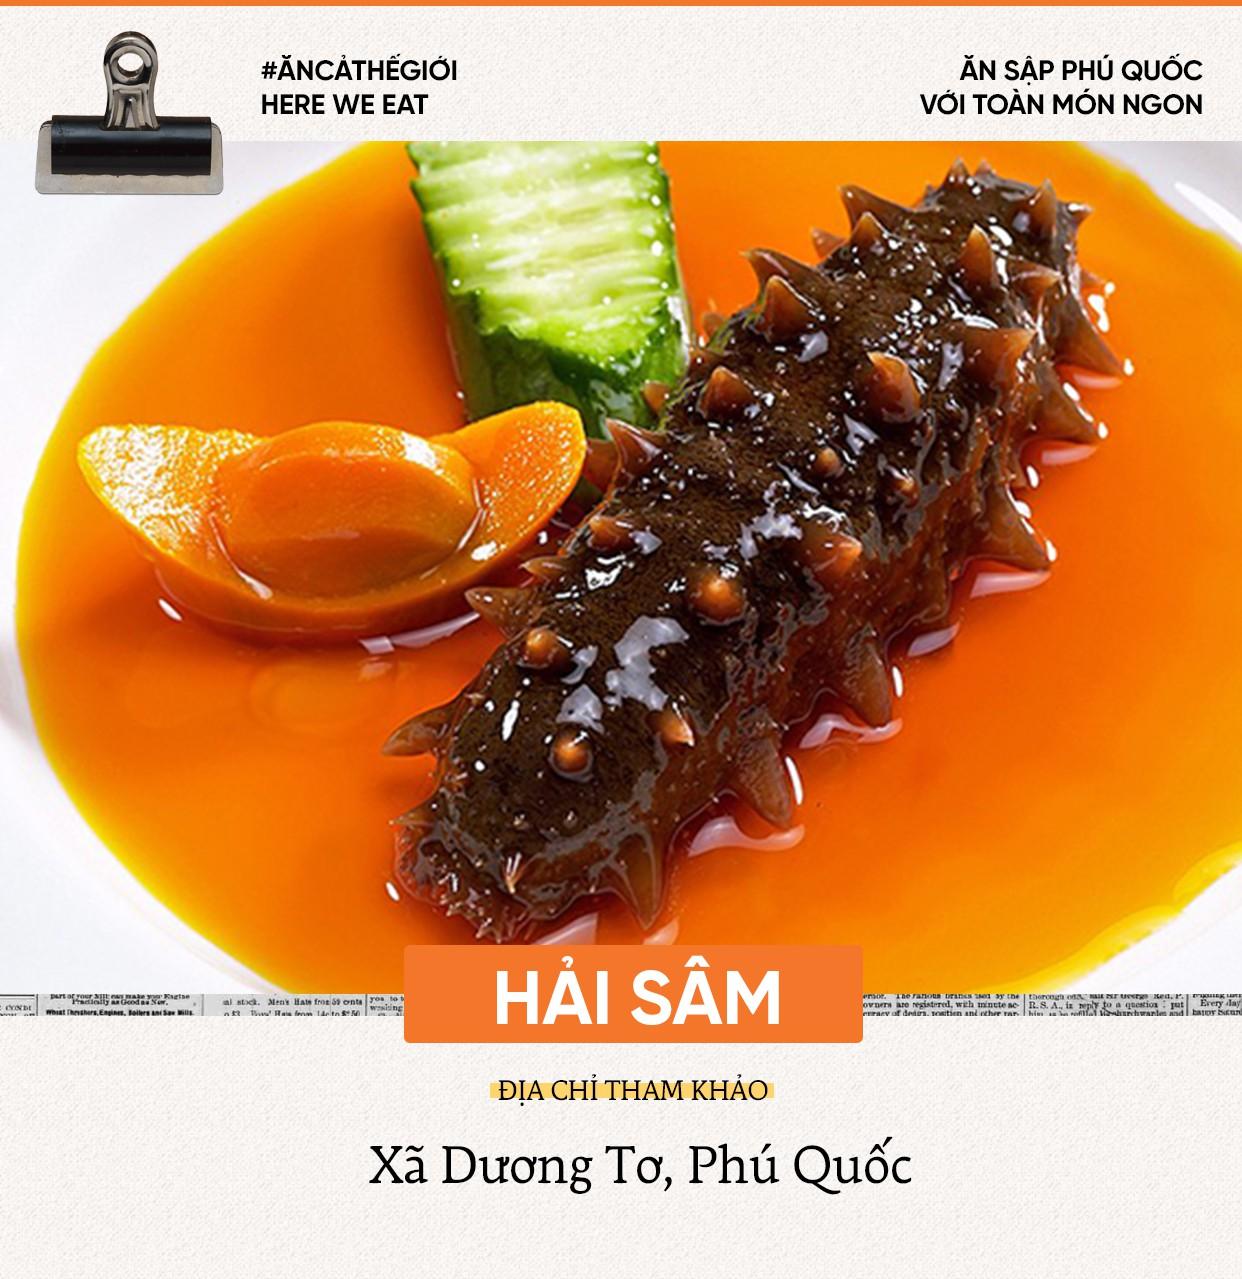 Nhớ ăn sập Phú Quốc với toàn món đặc sản hấp dẫn khi đến đây nhé - Ảnh 7.